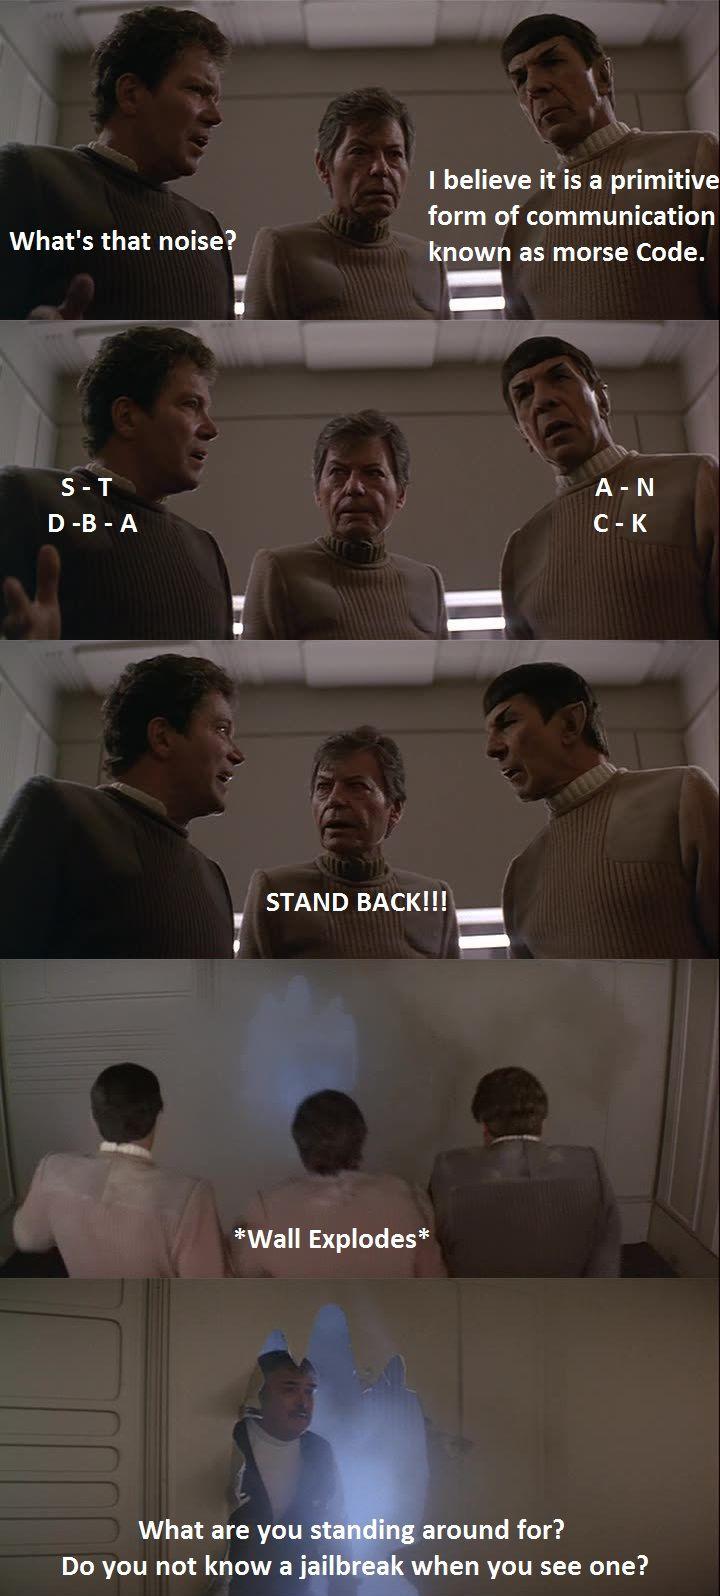 The brig scene 4